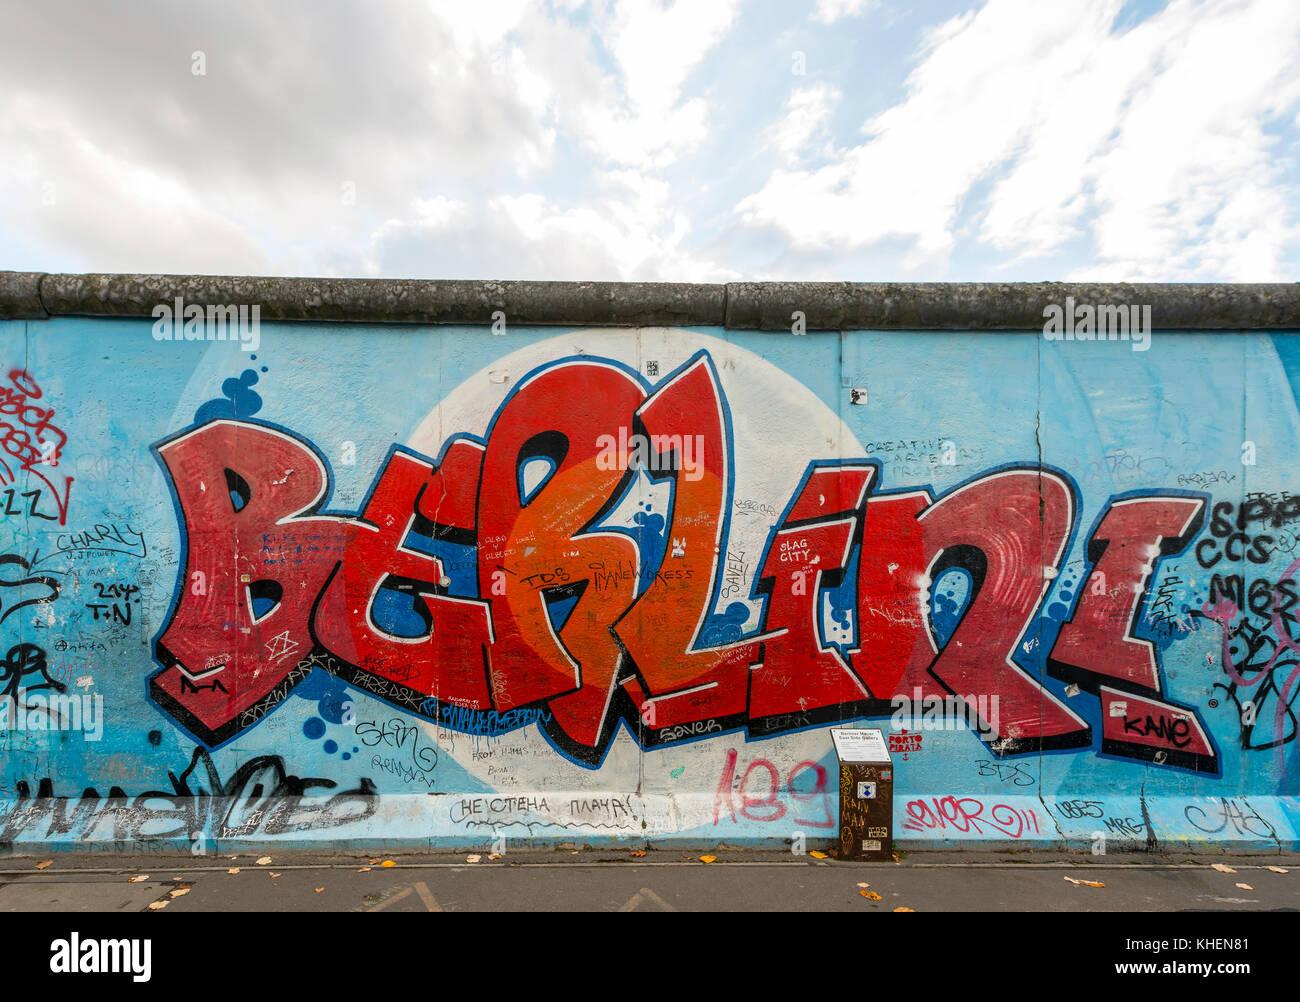 Inscription Berlin, la peinture du mur de Berlin, East Side Gallery, Berlin, Allemagne Photo Stock